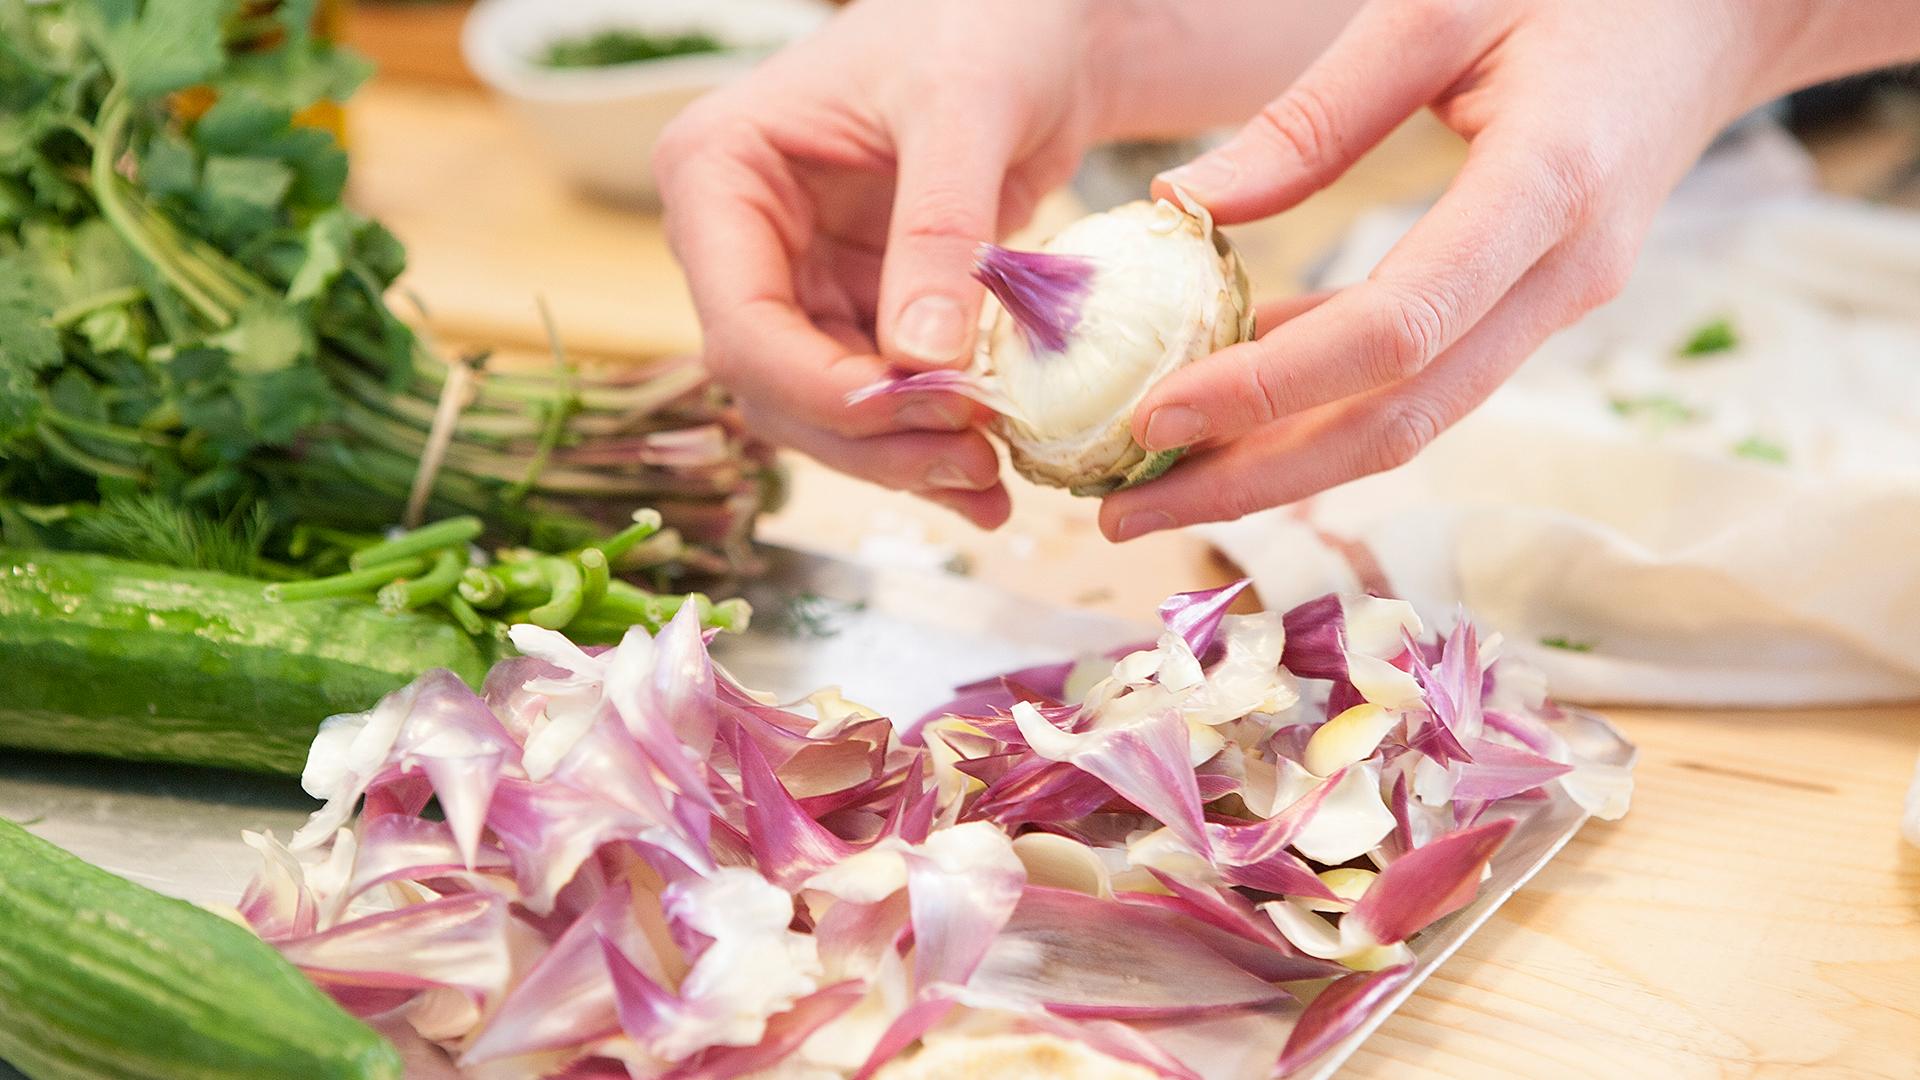 Preparing-artichoke-hearts-in-Greece-Foodadit